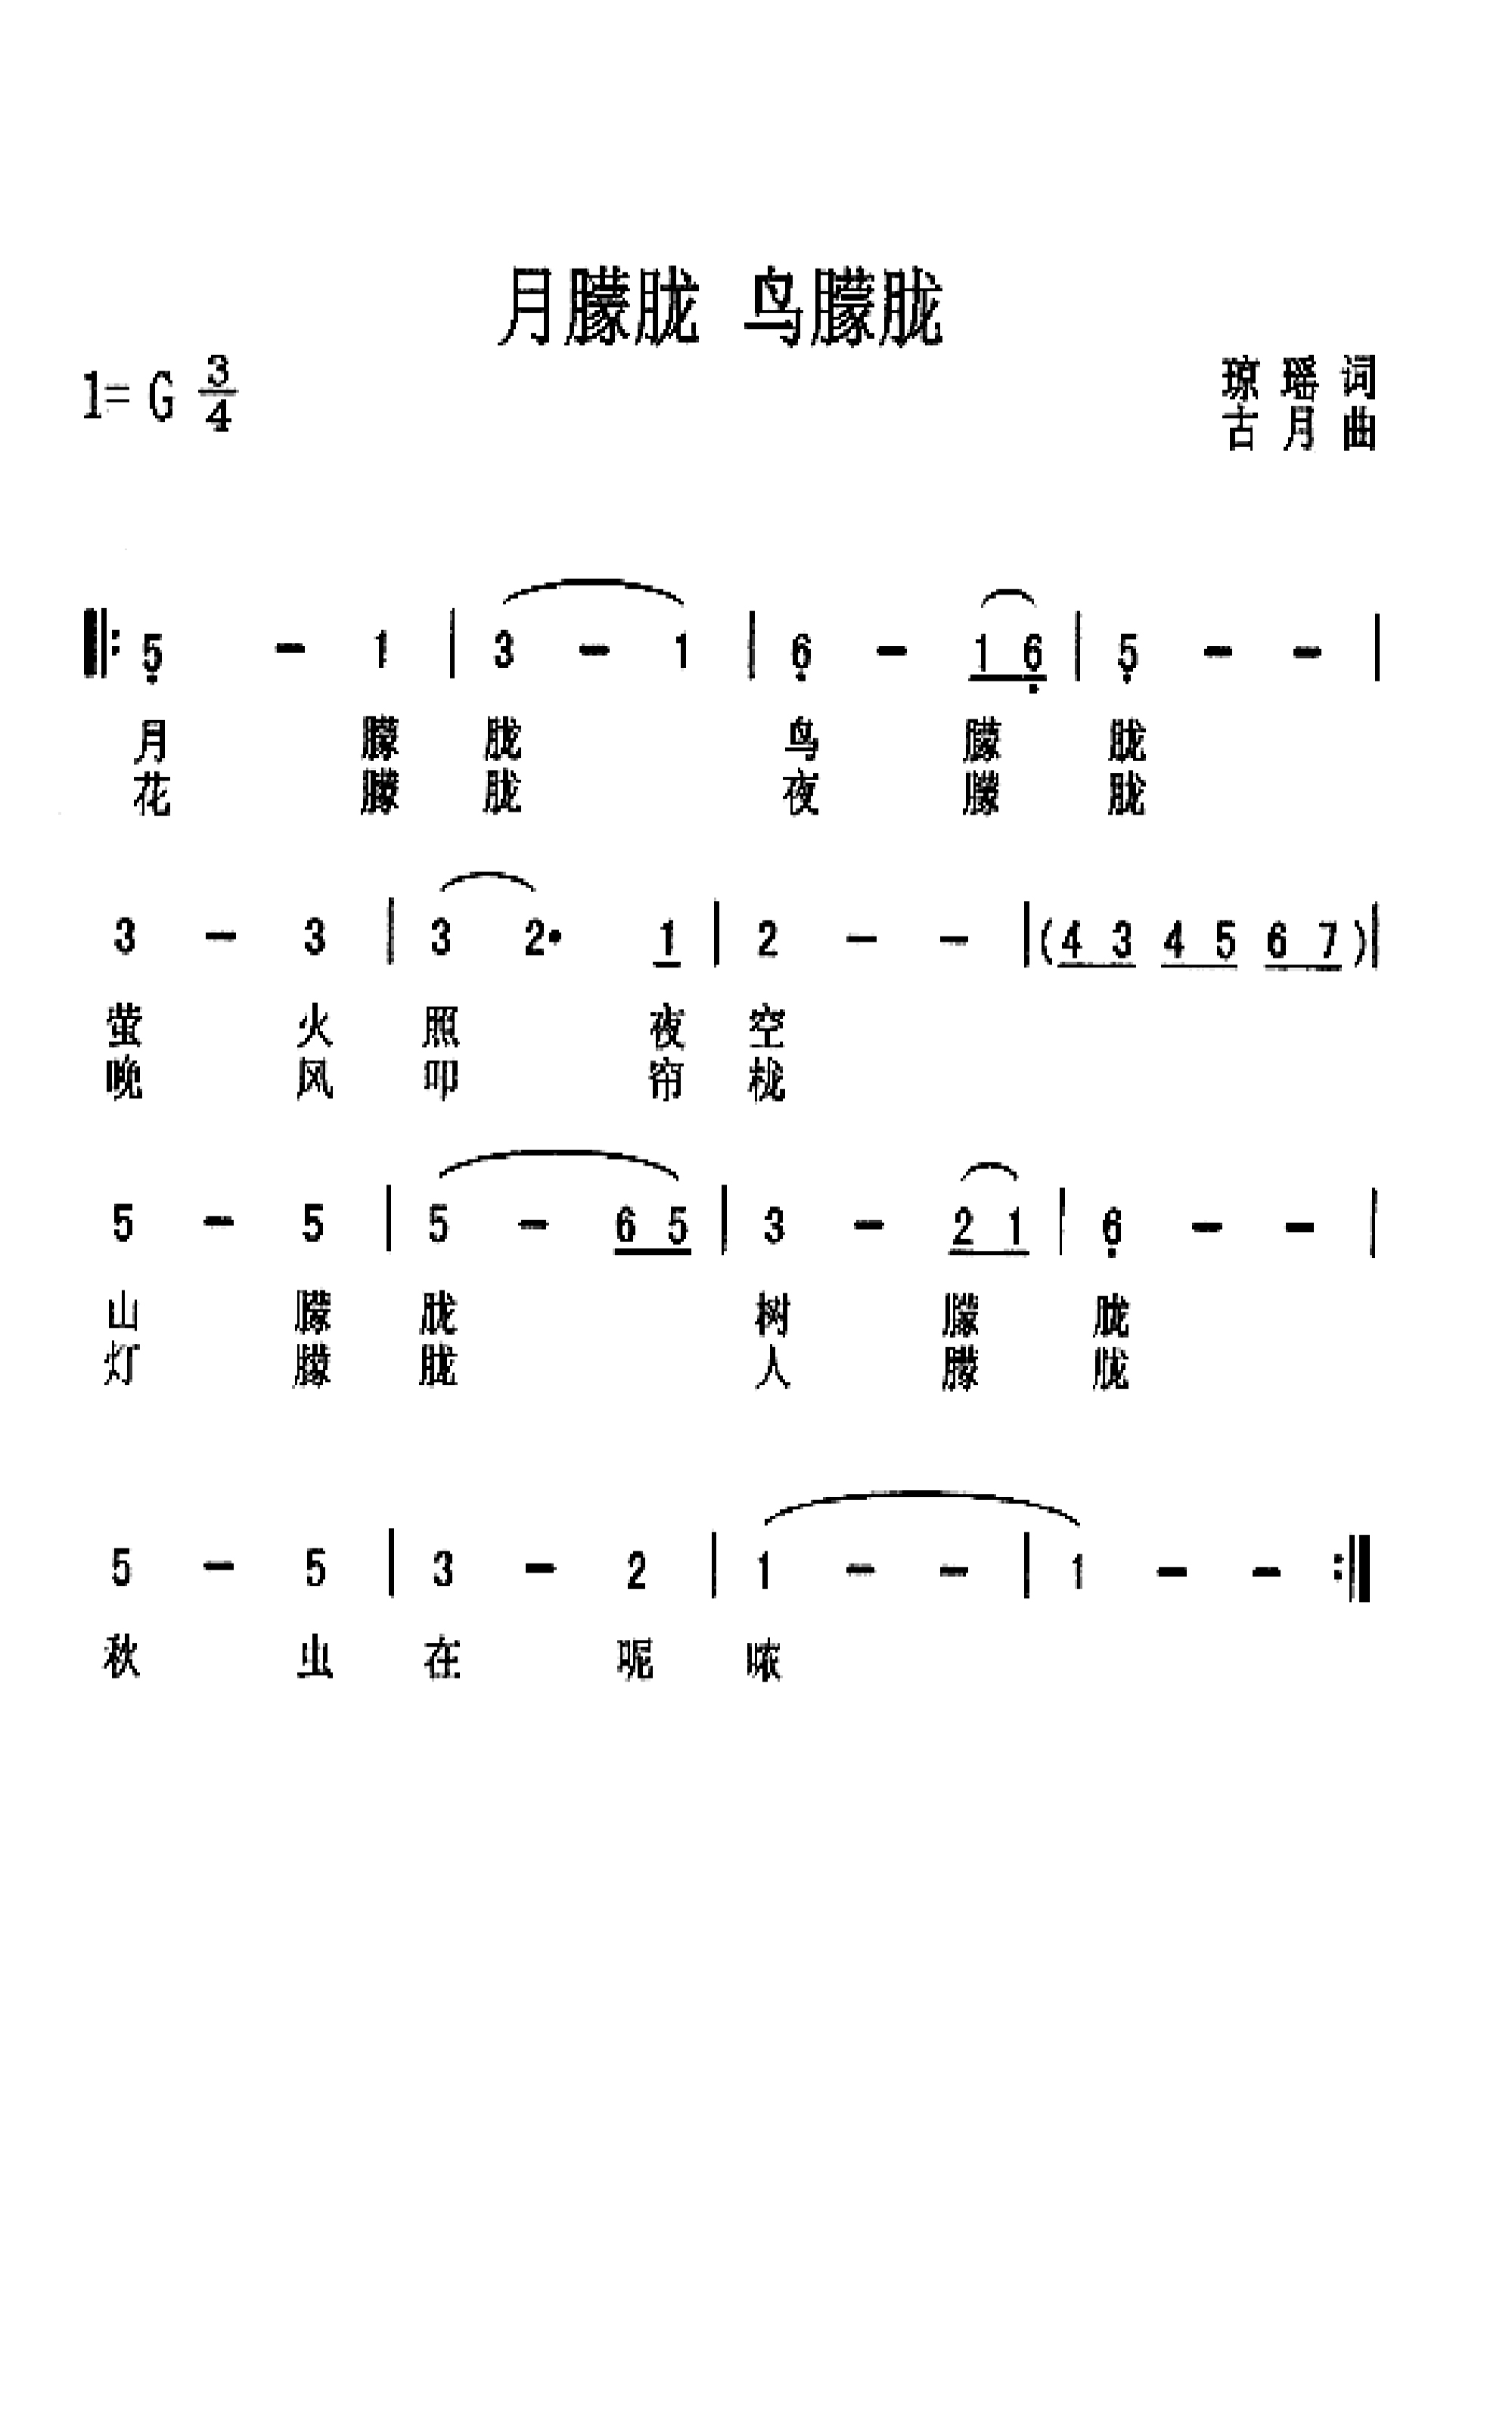 月朦胧鸟朦胧--葫芦丝简谱(编曲 混缩)tiger1950